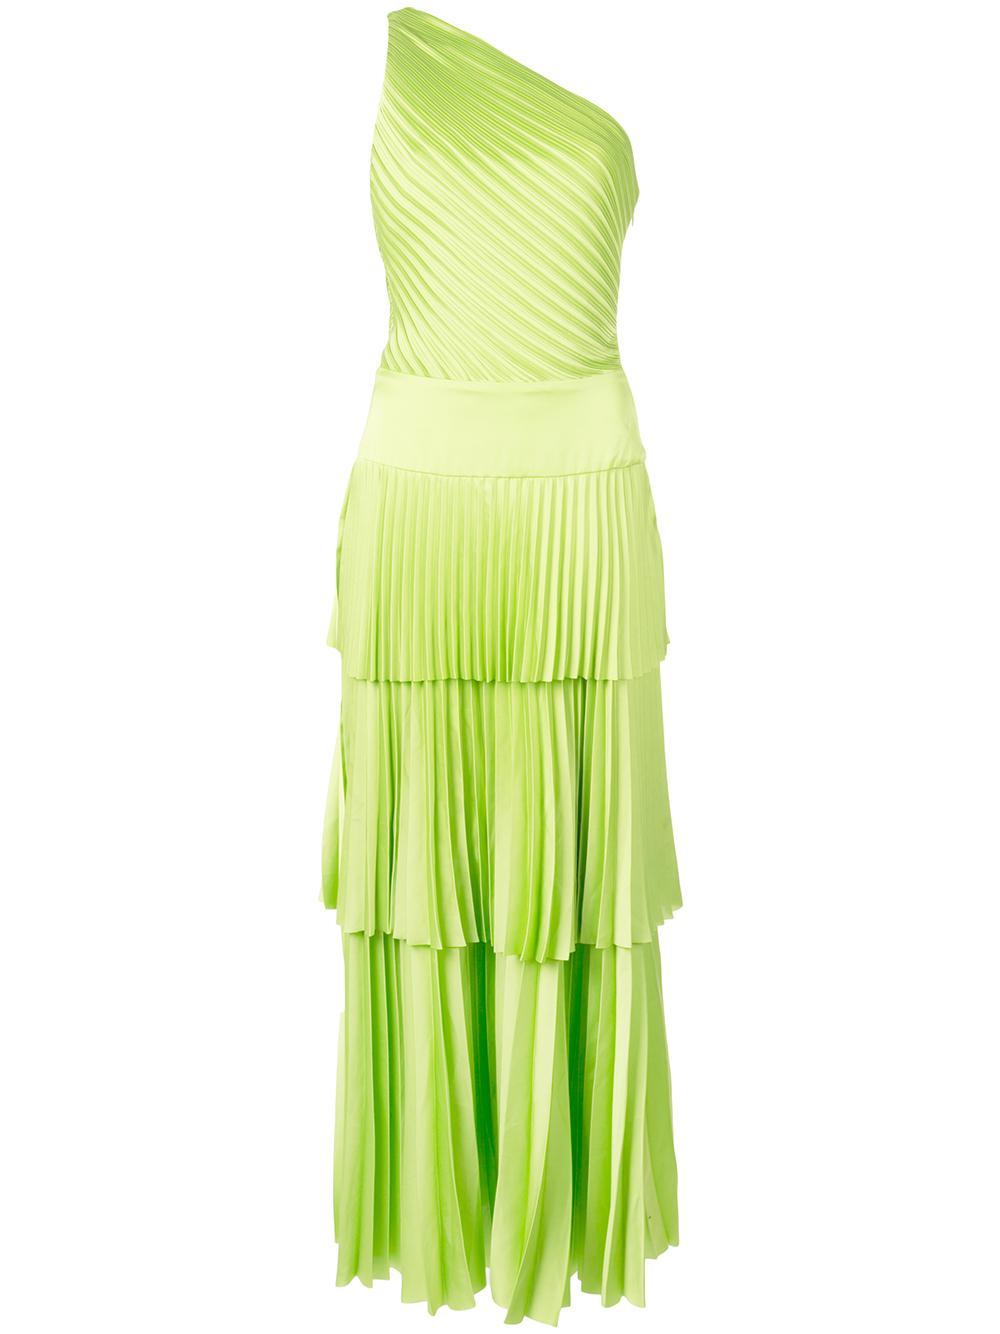 Larissa One Shoulder Midaxi Dress